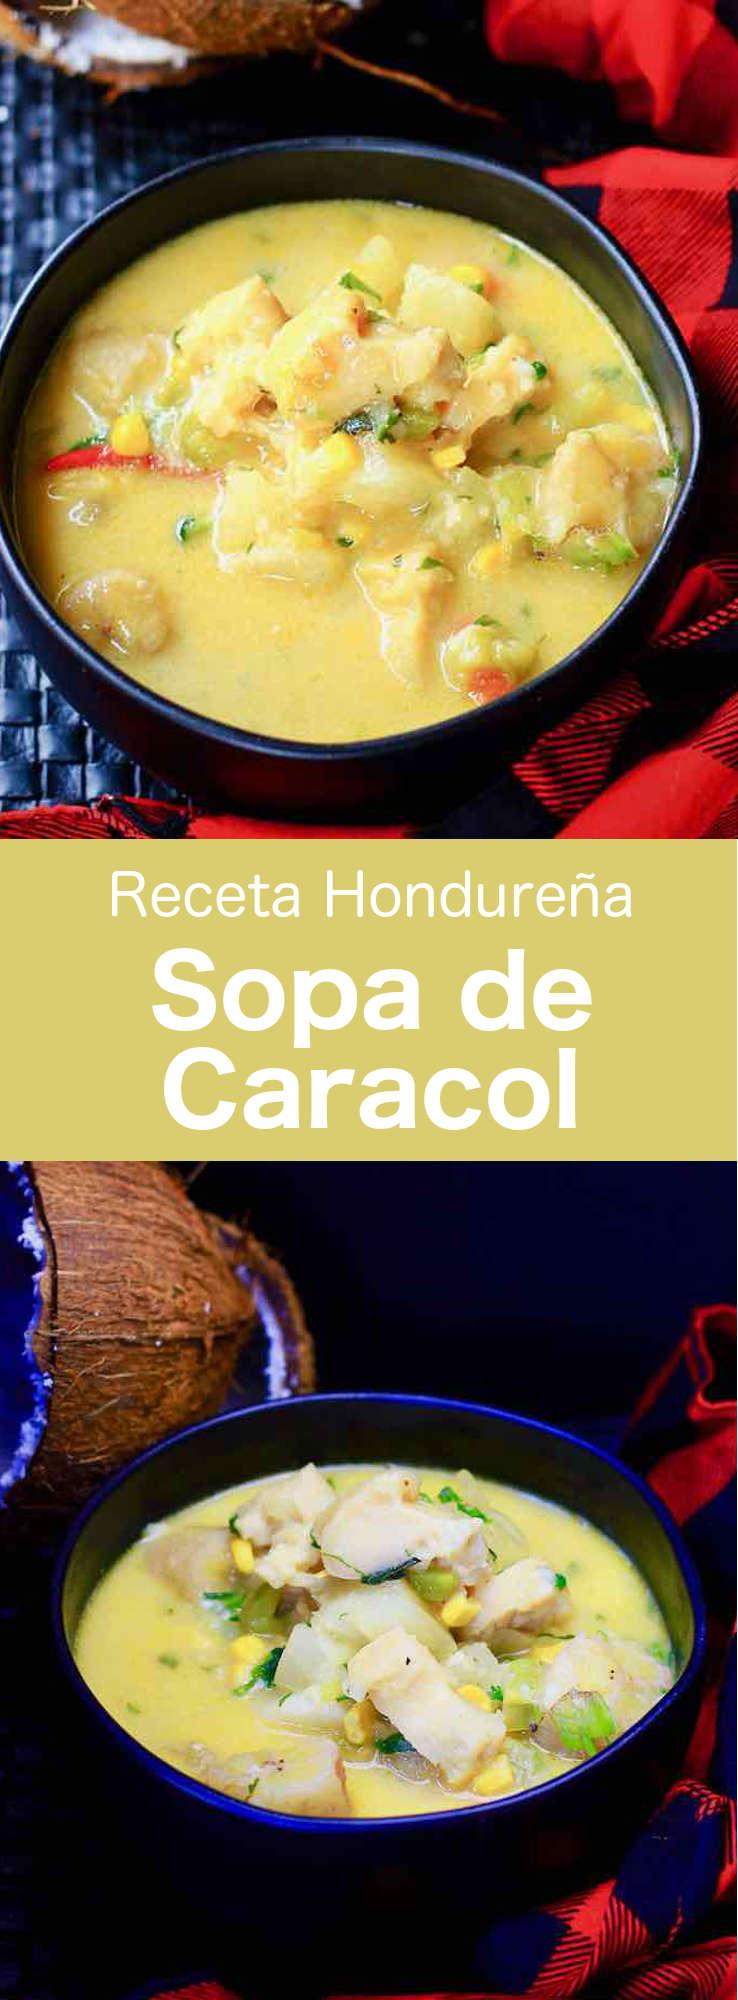 La sopa de caracol es una sopa tradicional de caracola de Honduras. Hay varias versiones de esta deliciosa sopa de mariscos que también son populares en América Latina y el Caribe.